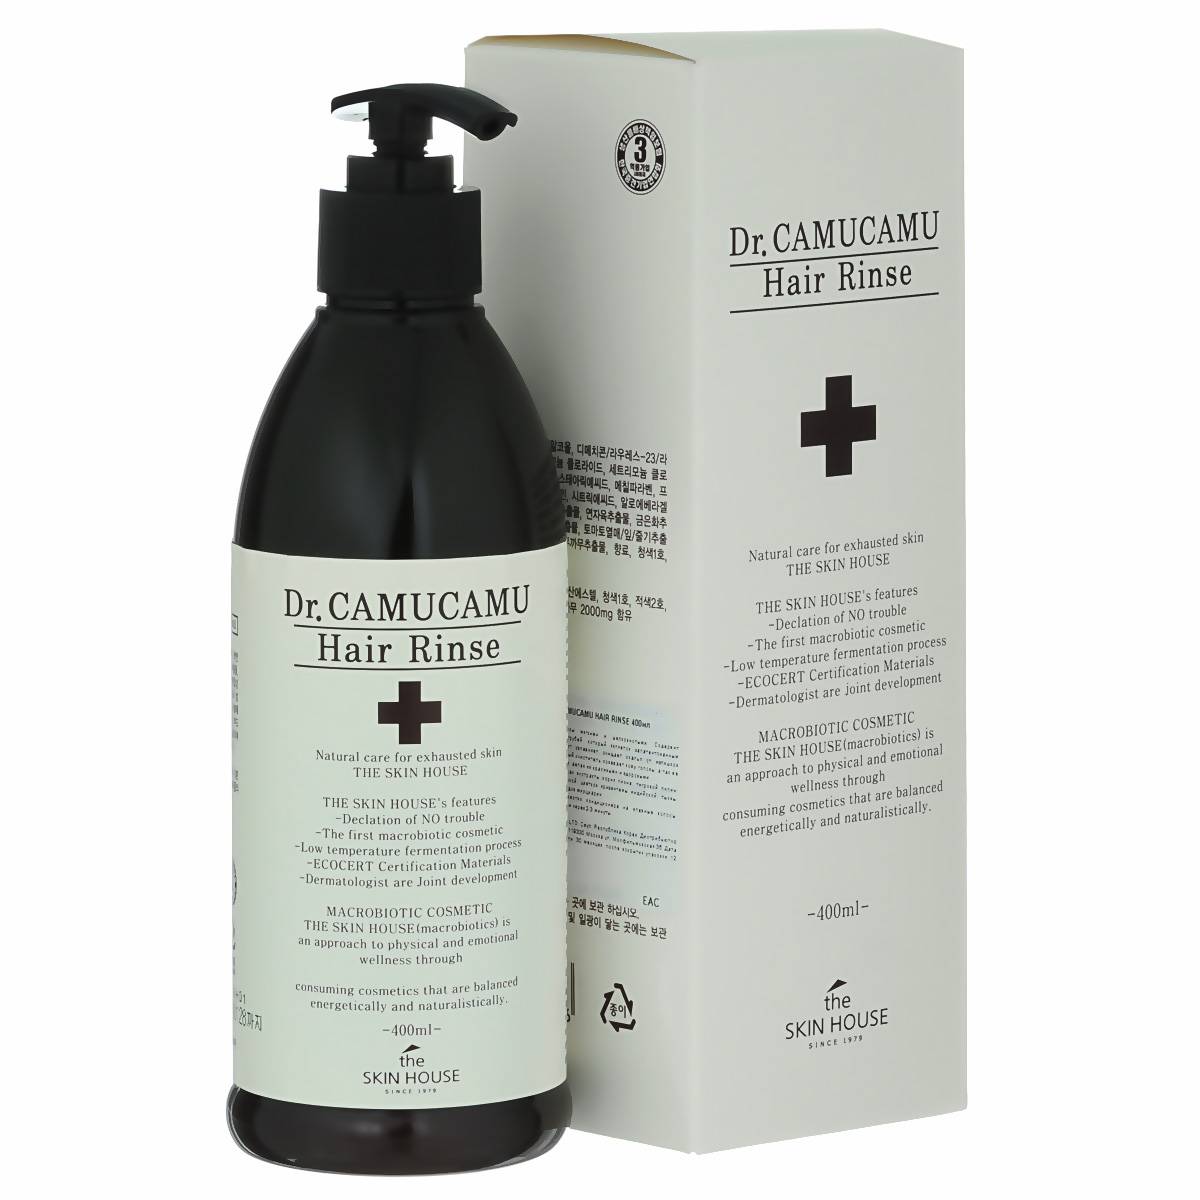 The Skin House Лечебный бальзам для волос DR. Camucamu hair rinse, 400 мл72523WDКондиционер для волос делает волосы мягкими и шелковистыми. Содержит ферментированный экстракт рисовых отрубей, который является запатентованным компонентом TheSkinHouse. Этот экстракт увлажняет, очищает скальп от излишков себума и контролирует перхоть. Натуральный очиститель освежает кожу головы, а так же питает волосы от корней до самых кончиков, делая их красивыми и здоровыми.Содержит комплекс ингредиентов: экстракт корня пиона, тигровой лилии, цветков лотоса, цветков жимолости японской, цветков хризантемы индийской, тыквы, листьев алоэ барбаденсис, ягод асаи и плодов мирциарии.